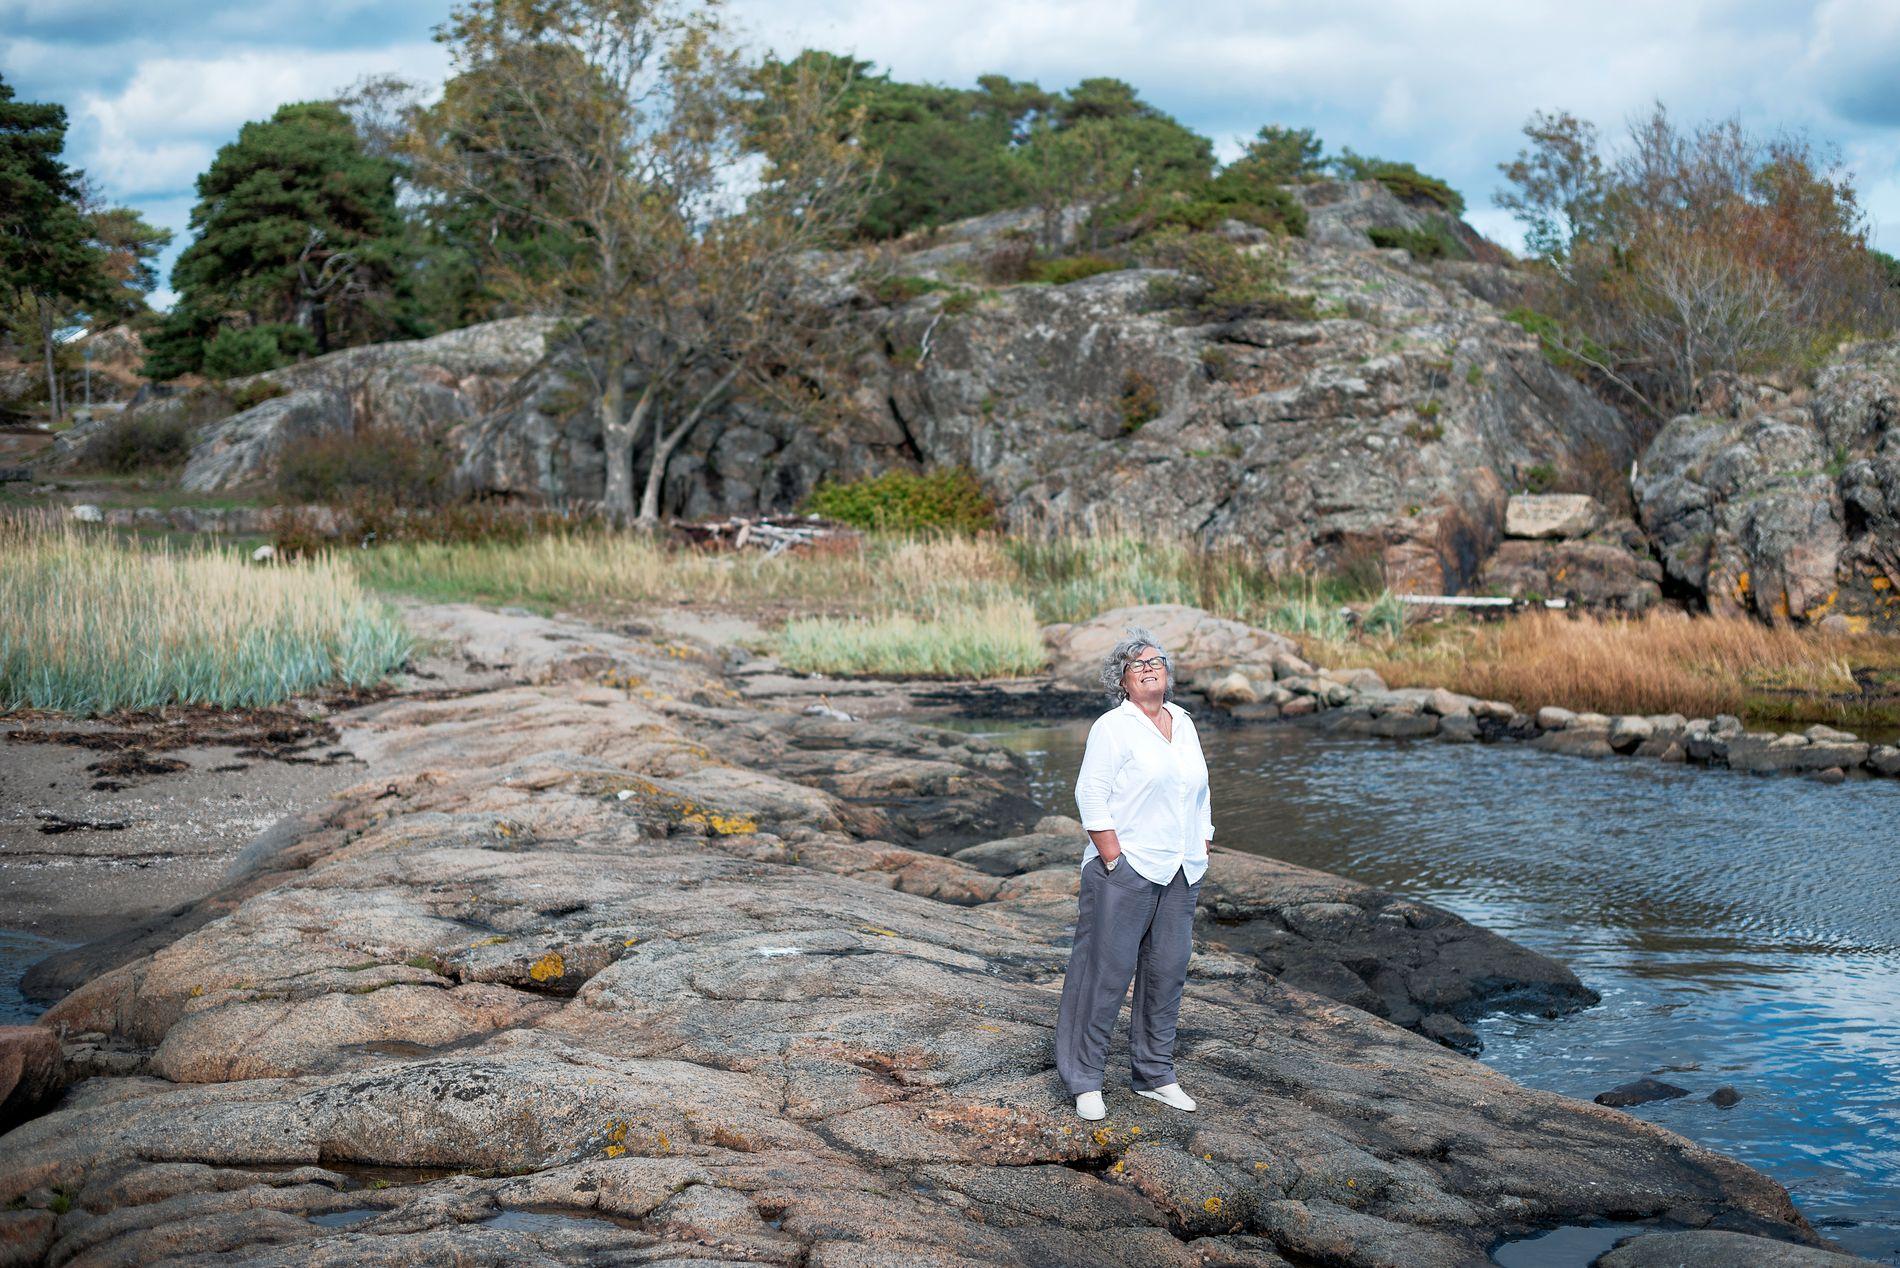 FAVORITTSTED: På disse svabergene på Steinsnes i Larvik, har Anne Holt (59) tilbrakt hver sommer siden hun var liten.